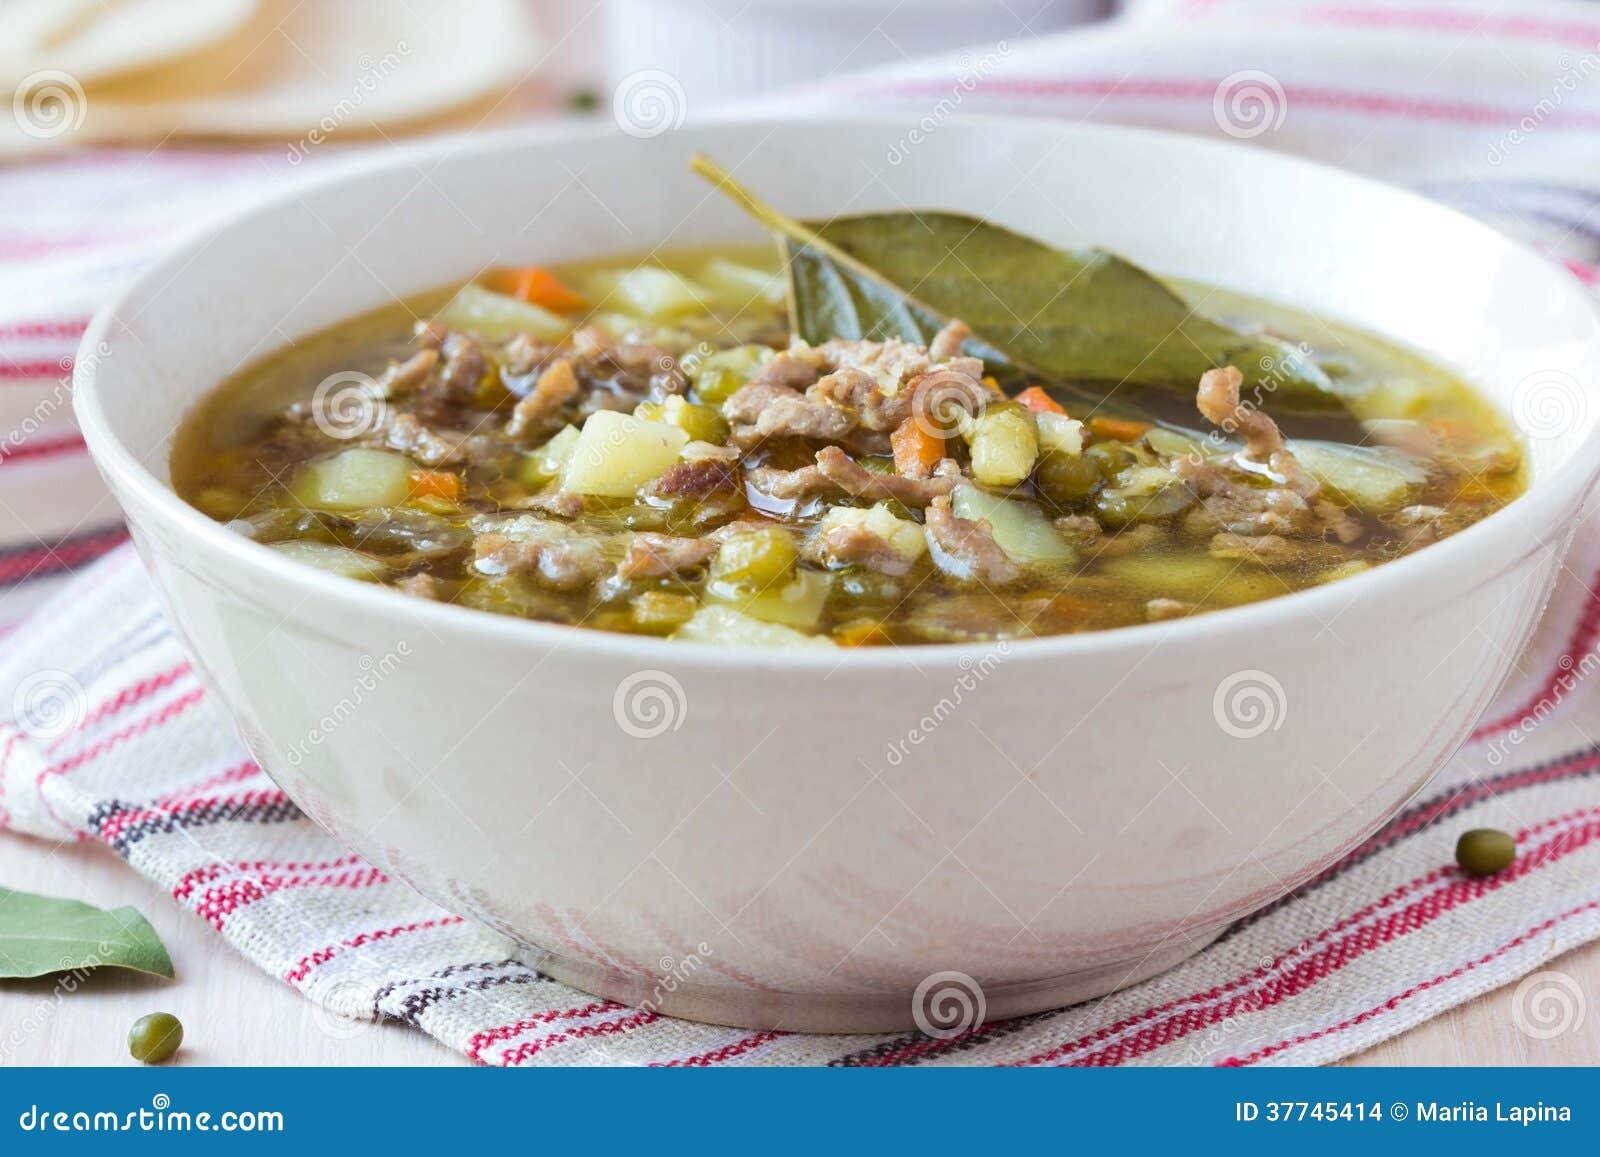 Fleischsuppe mit Rindfleisch, grüne Bohnen Mungs, Hülsenfrüchte, heißer Inder